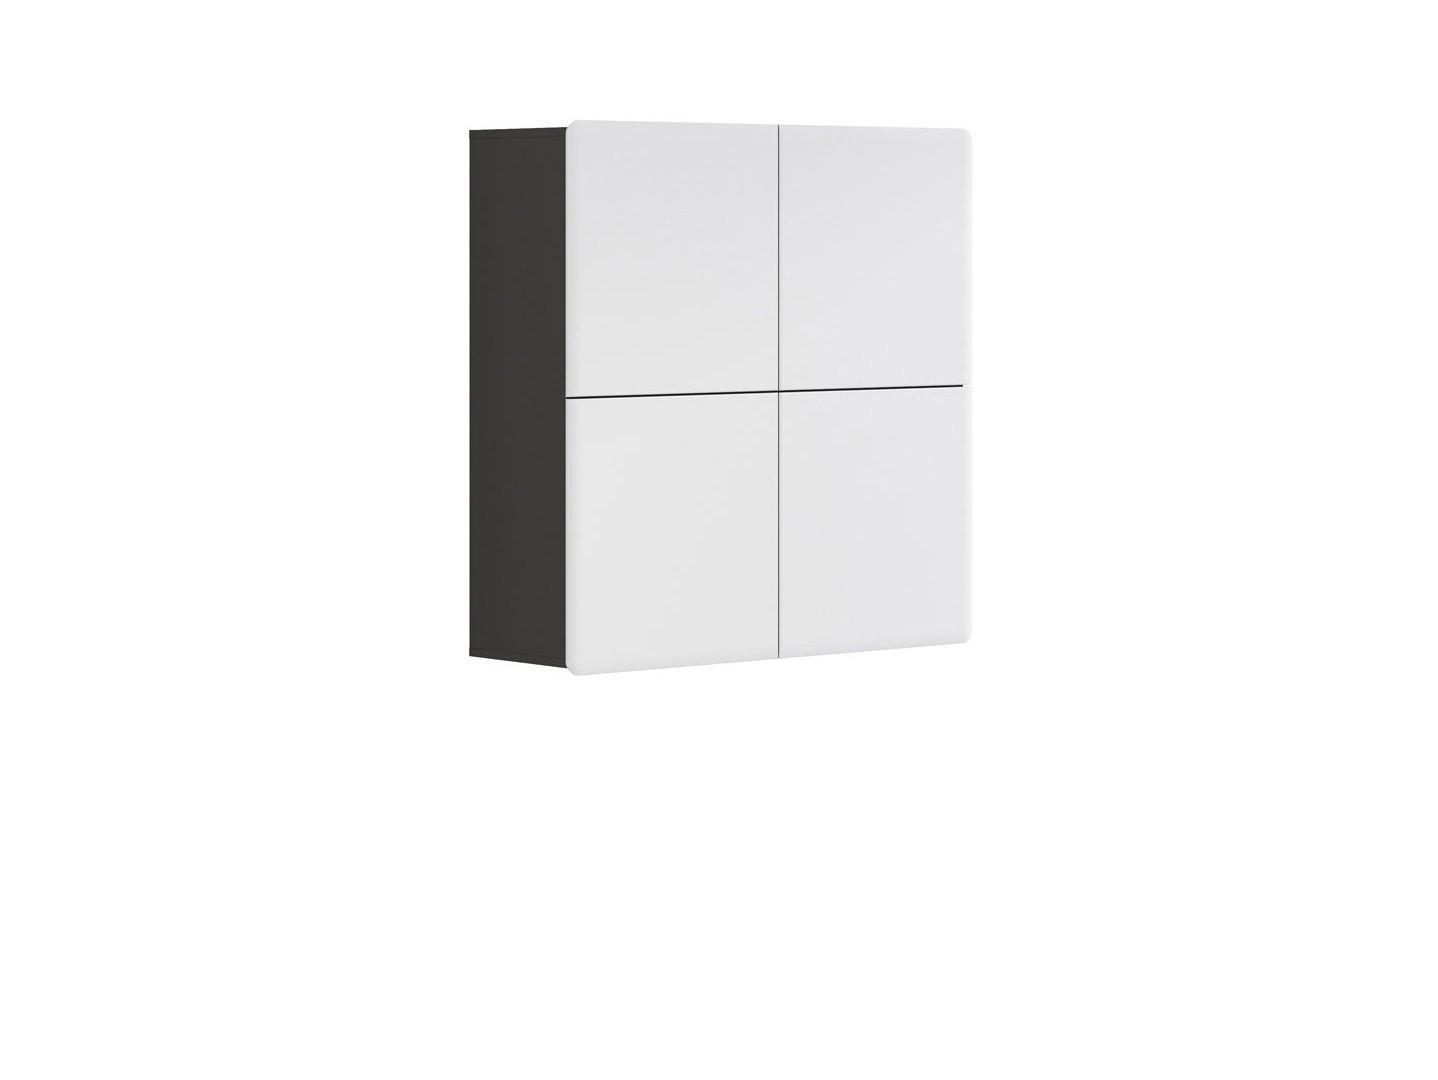 Skrinka na stenu - BRW - Possi Light - SFK4D 10/10 (sivý wolfram + lesk biely). Sme autorizovaný predajca Black Red White. Vlastná spoľahlivá doprava až k Vám domov.